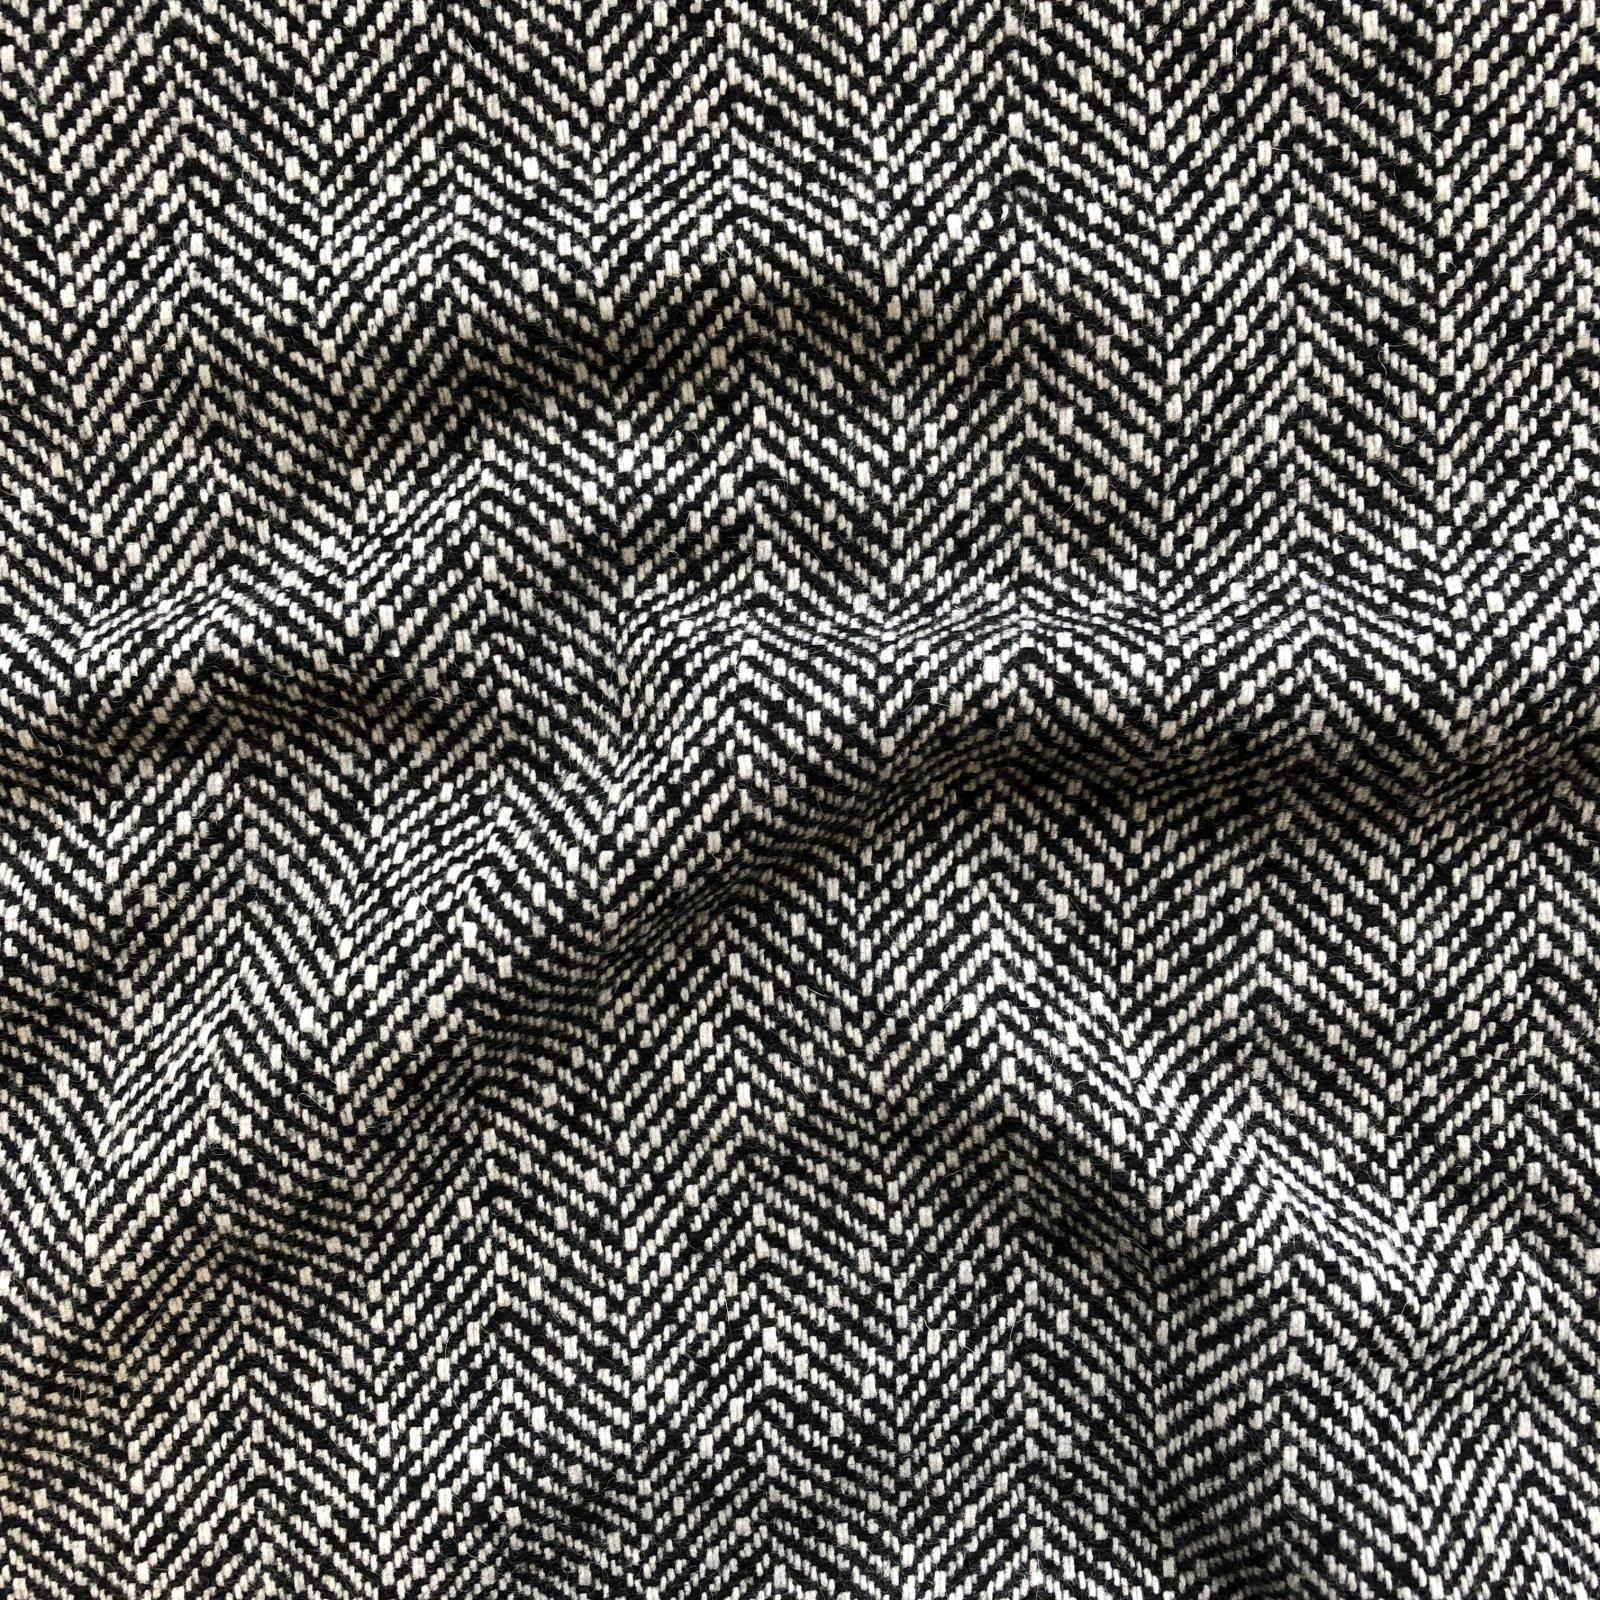 Designer Wool Coating - Black and White Herringbone